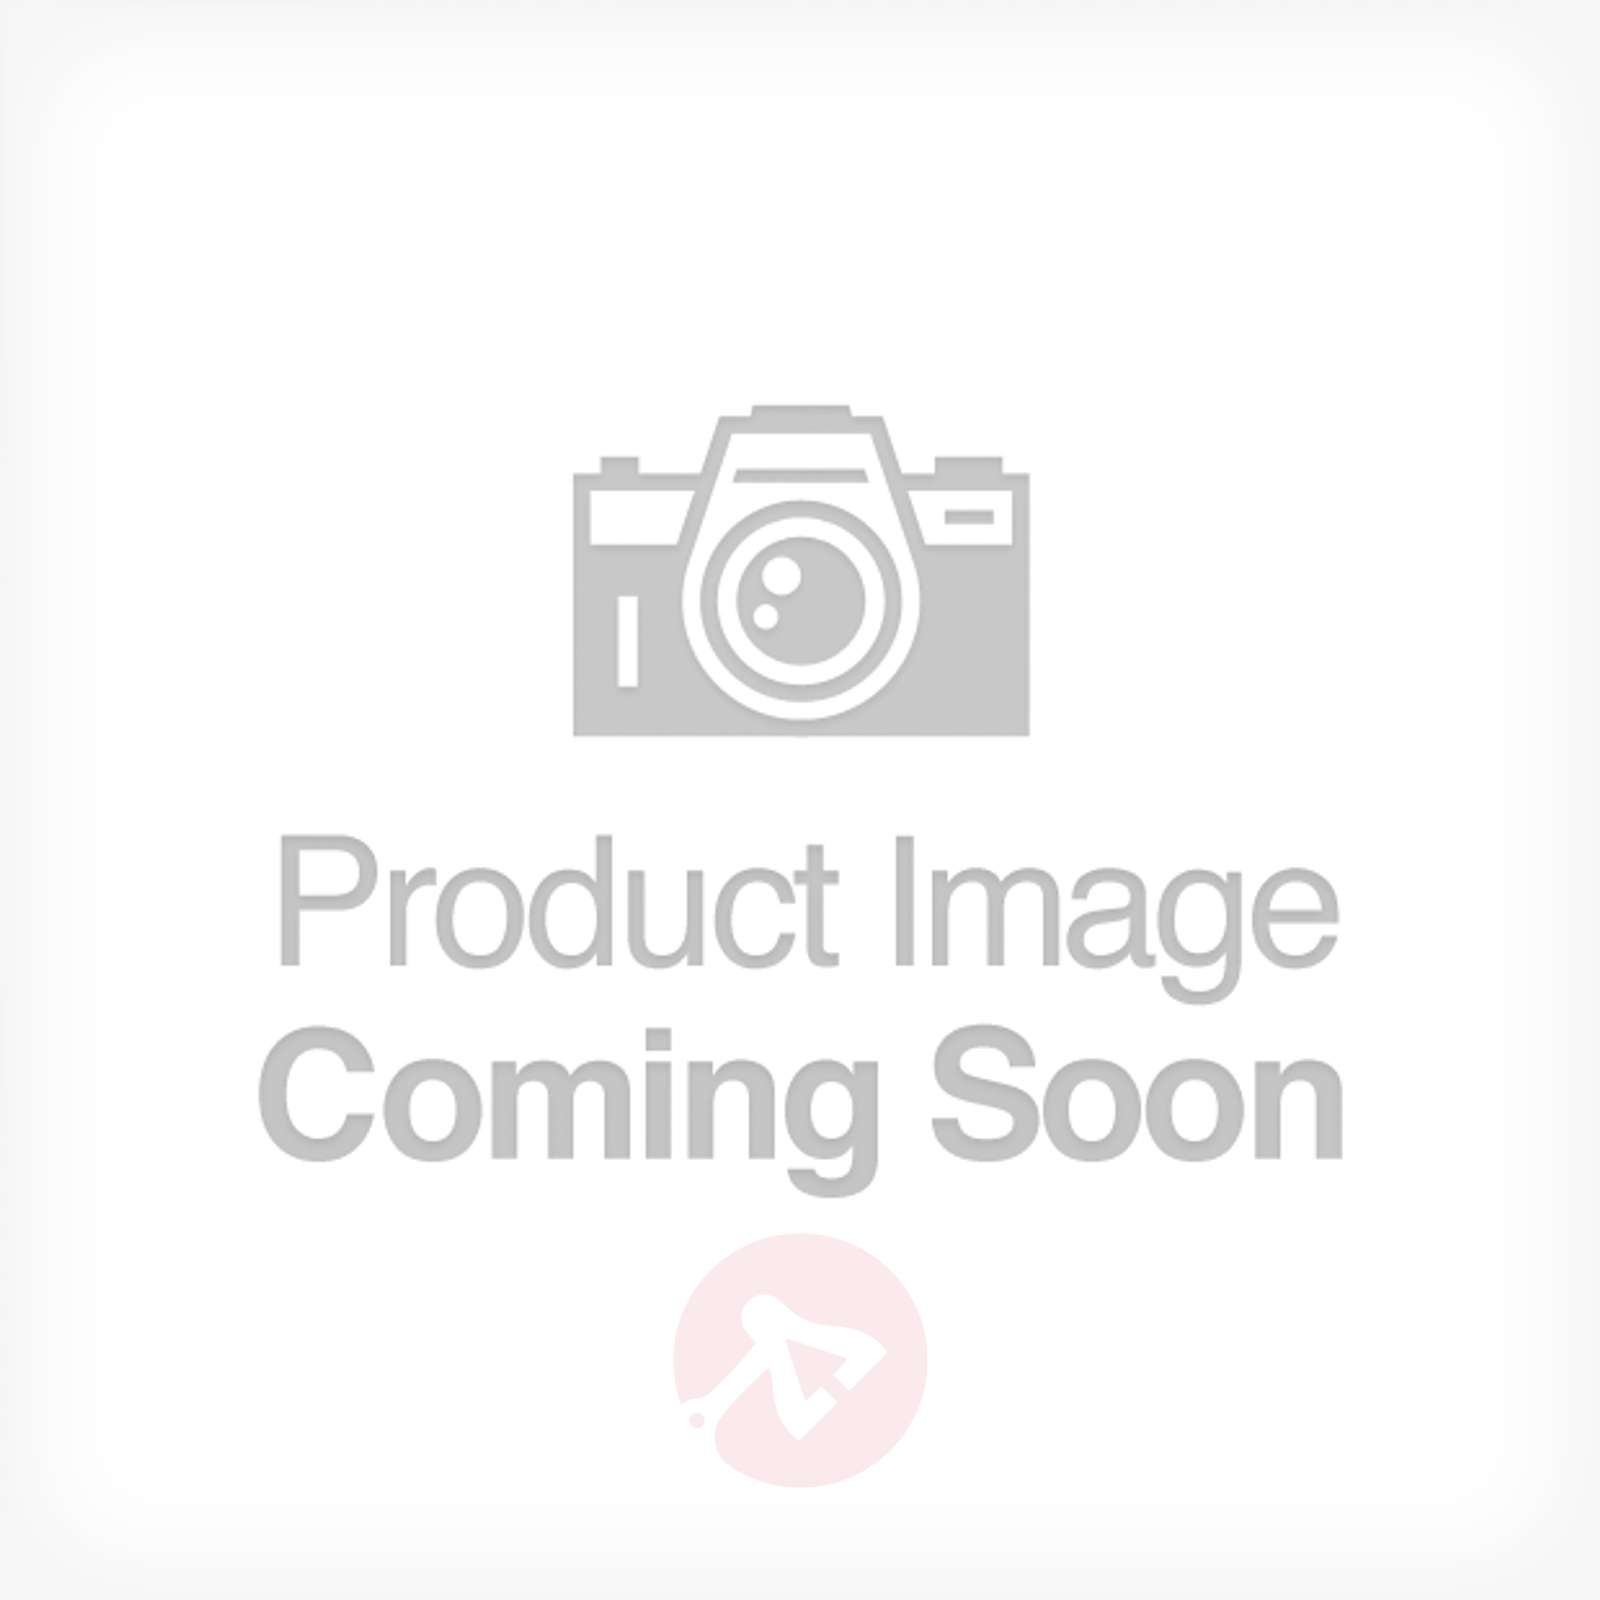 10 kpl:n setti Cosas-LED-uppovalaisimia-1507143X-01